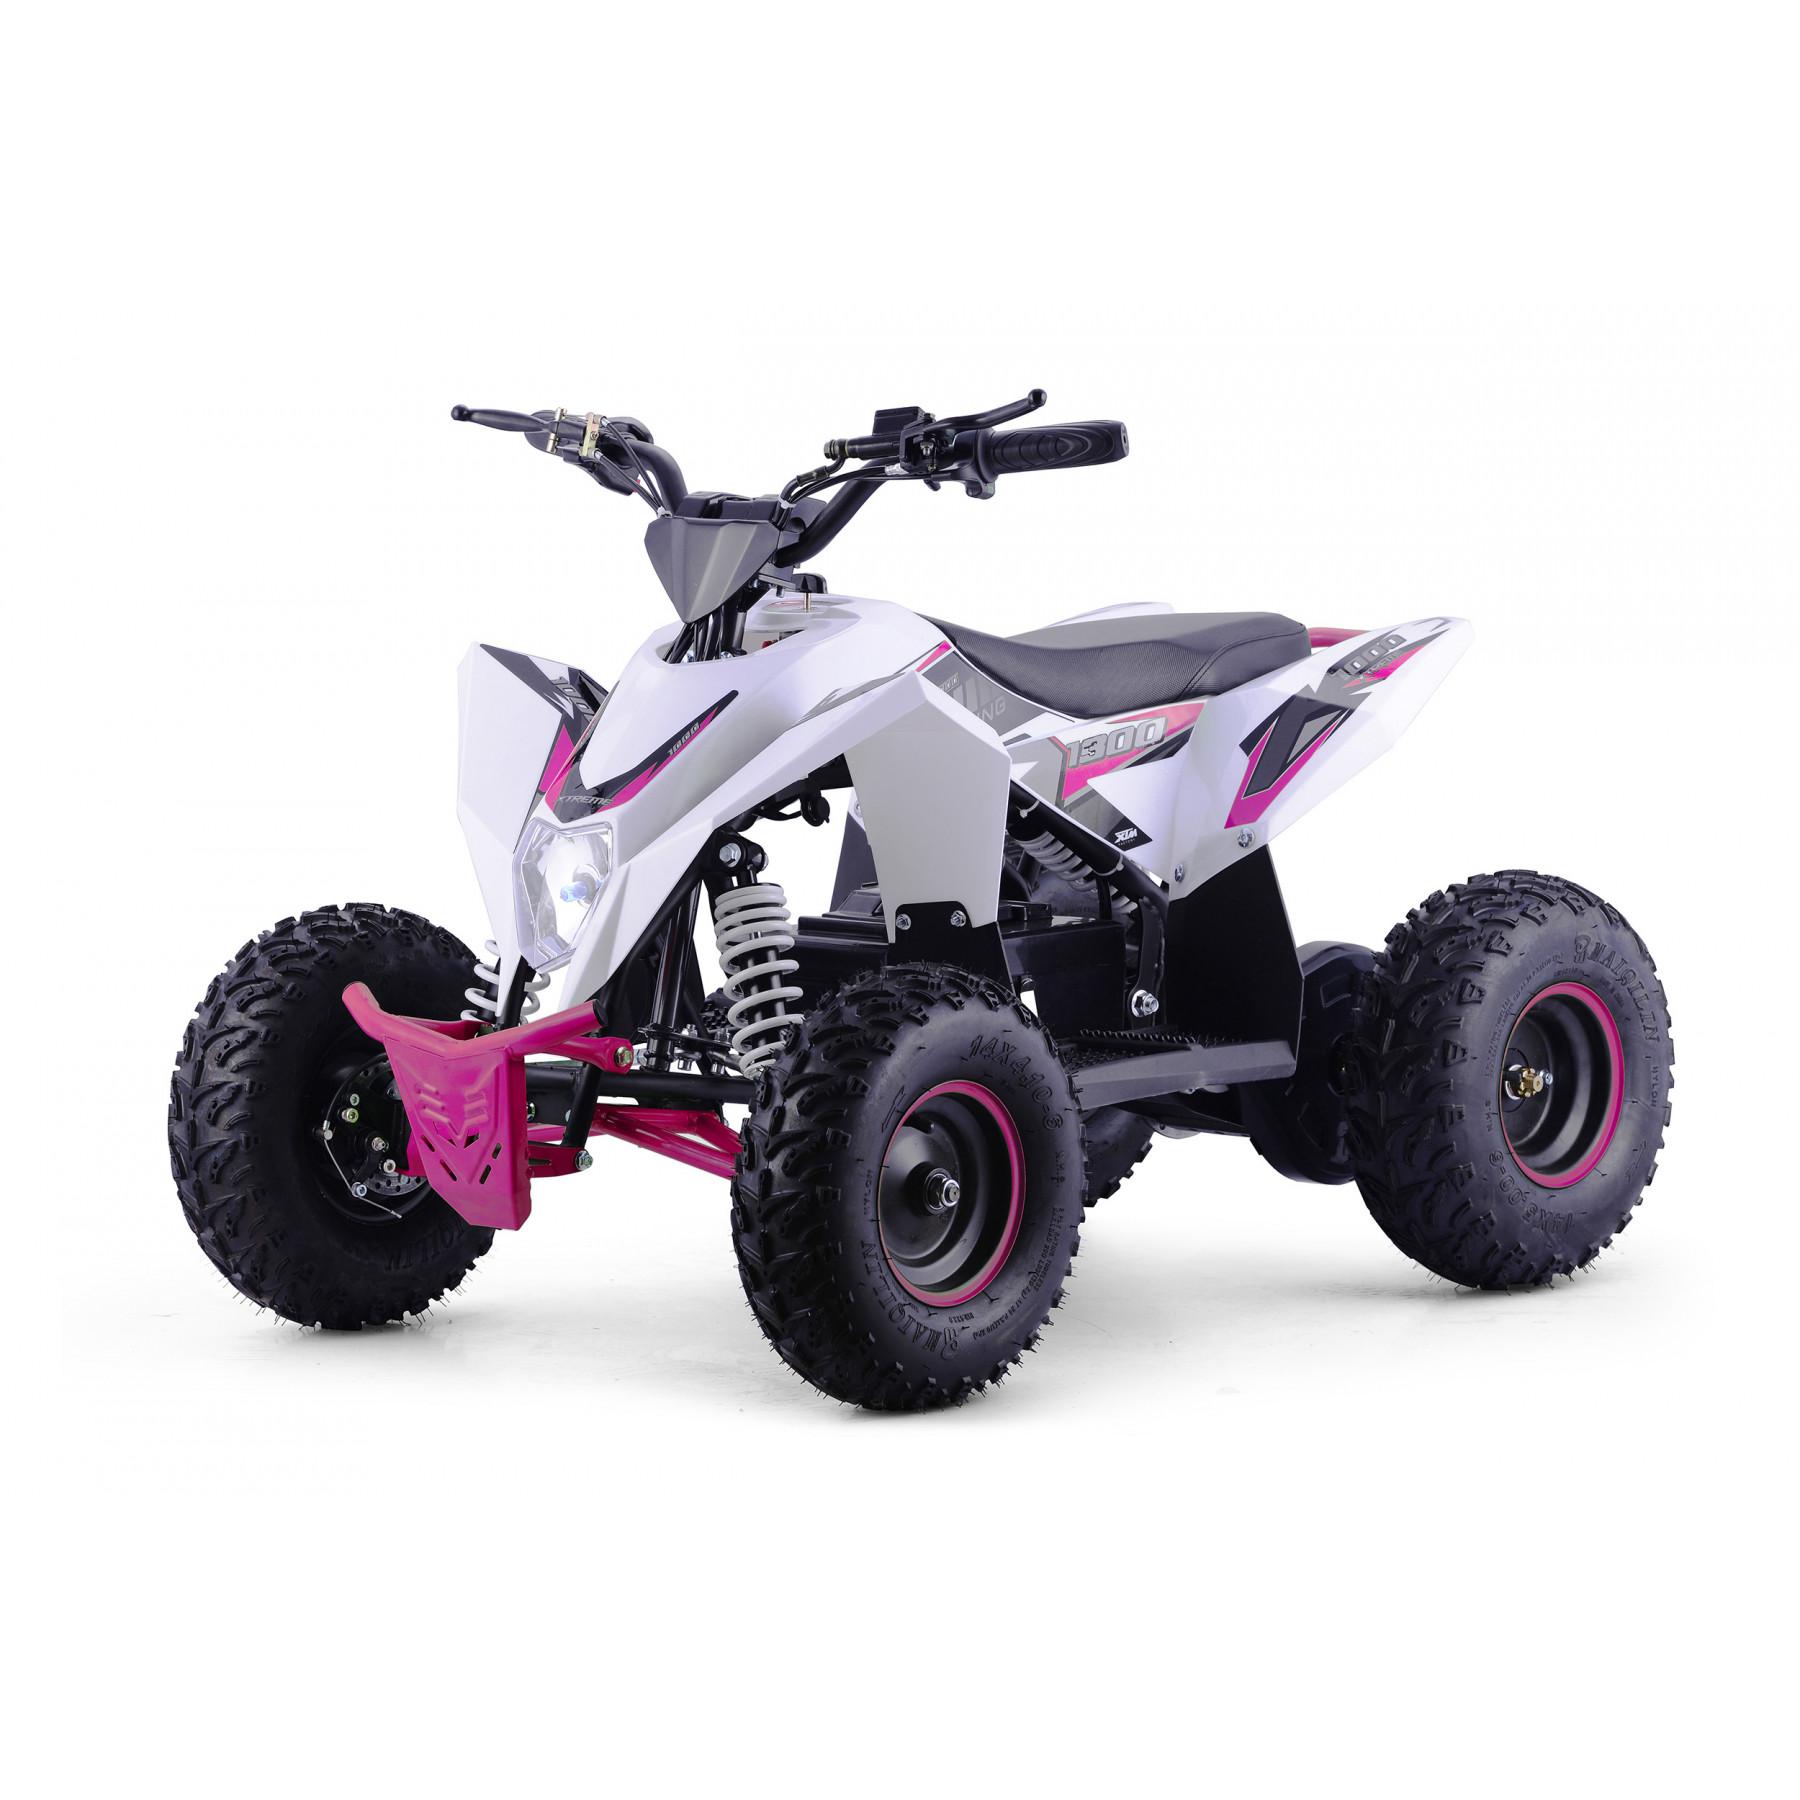 XTM RACING 48v 1300w LITHIUM QUAD BIKE WHITE PINK